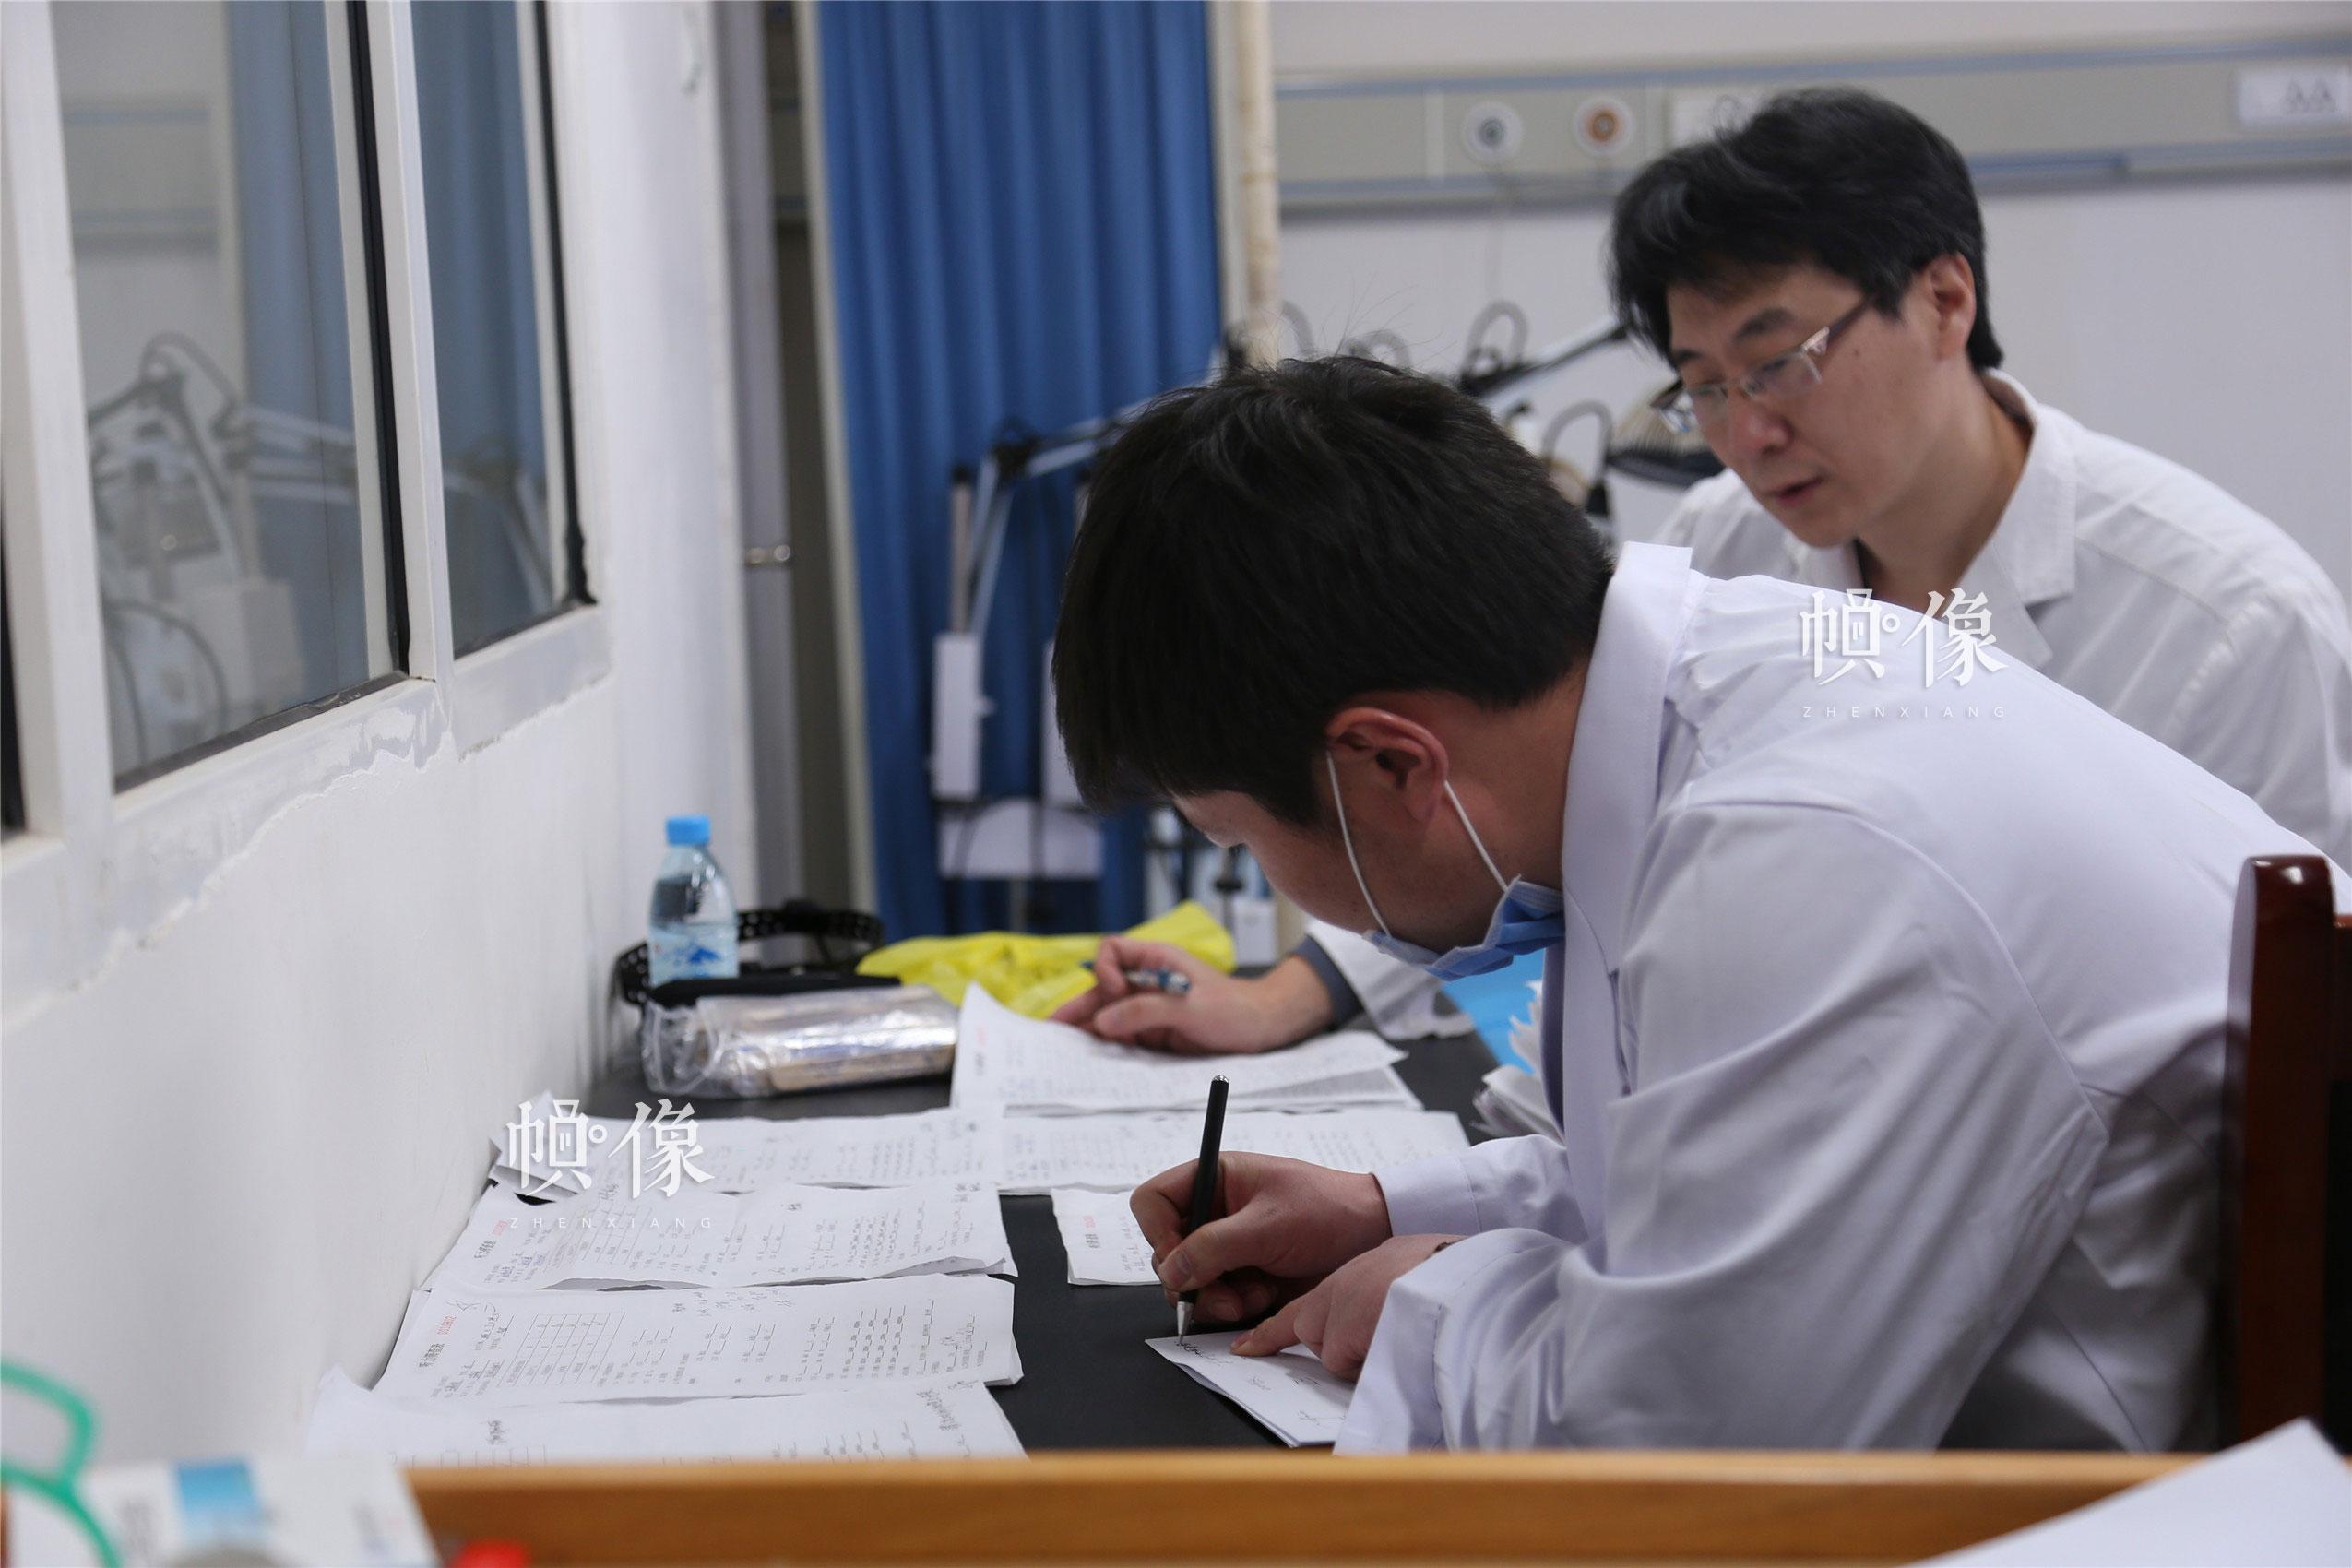 2018年1月21日,甘肃省陇南市西和县,医疗团队为一天的筛查结果做统计。中国网实习记者 朱珊杉 摄